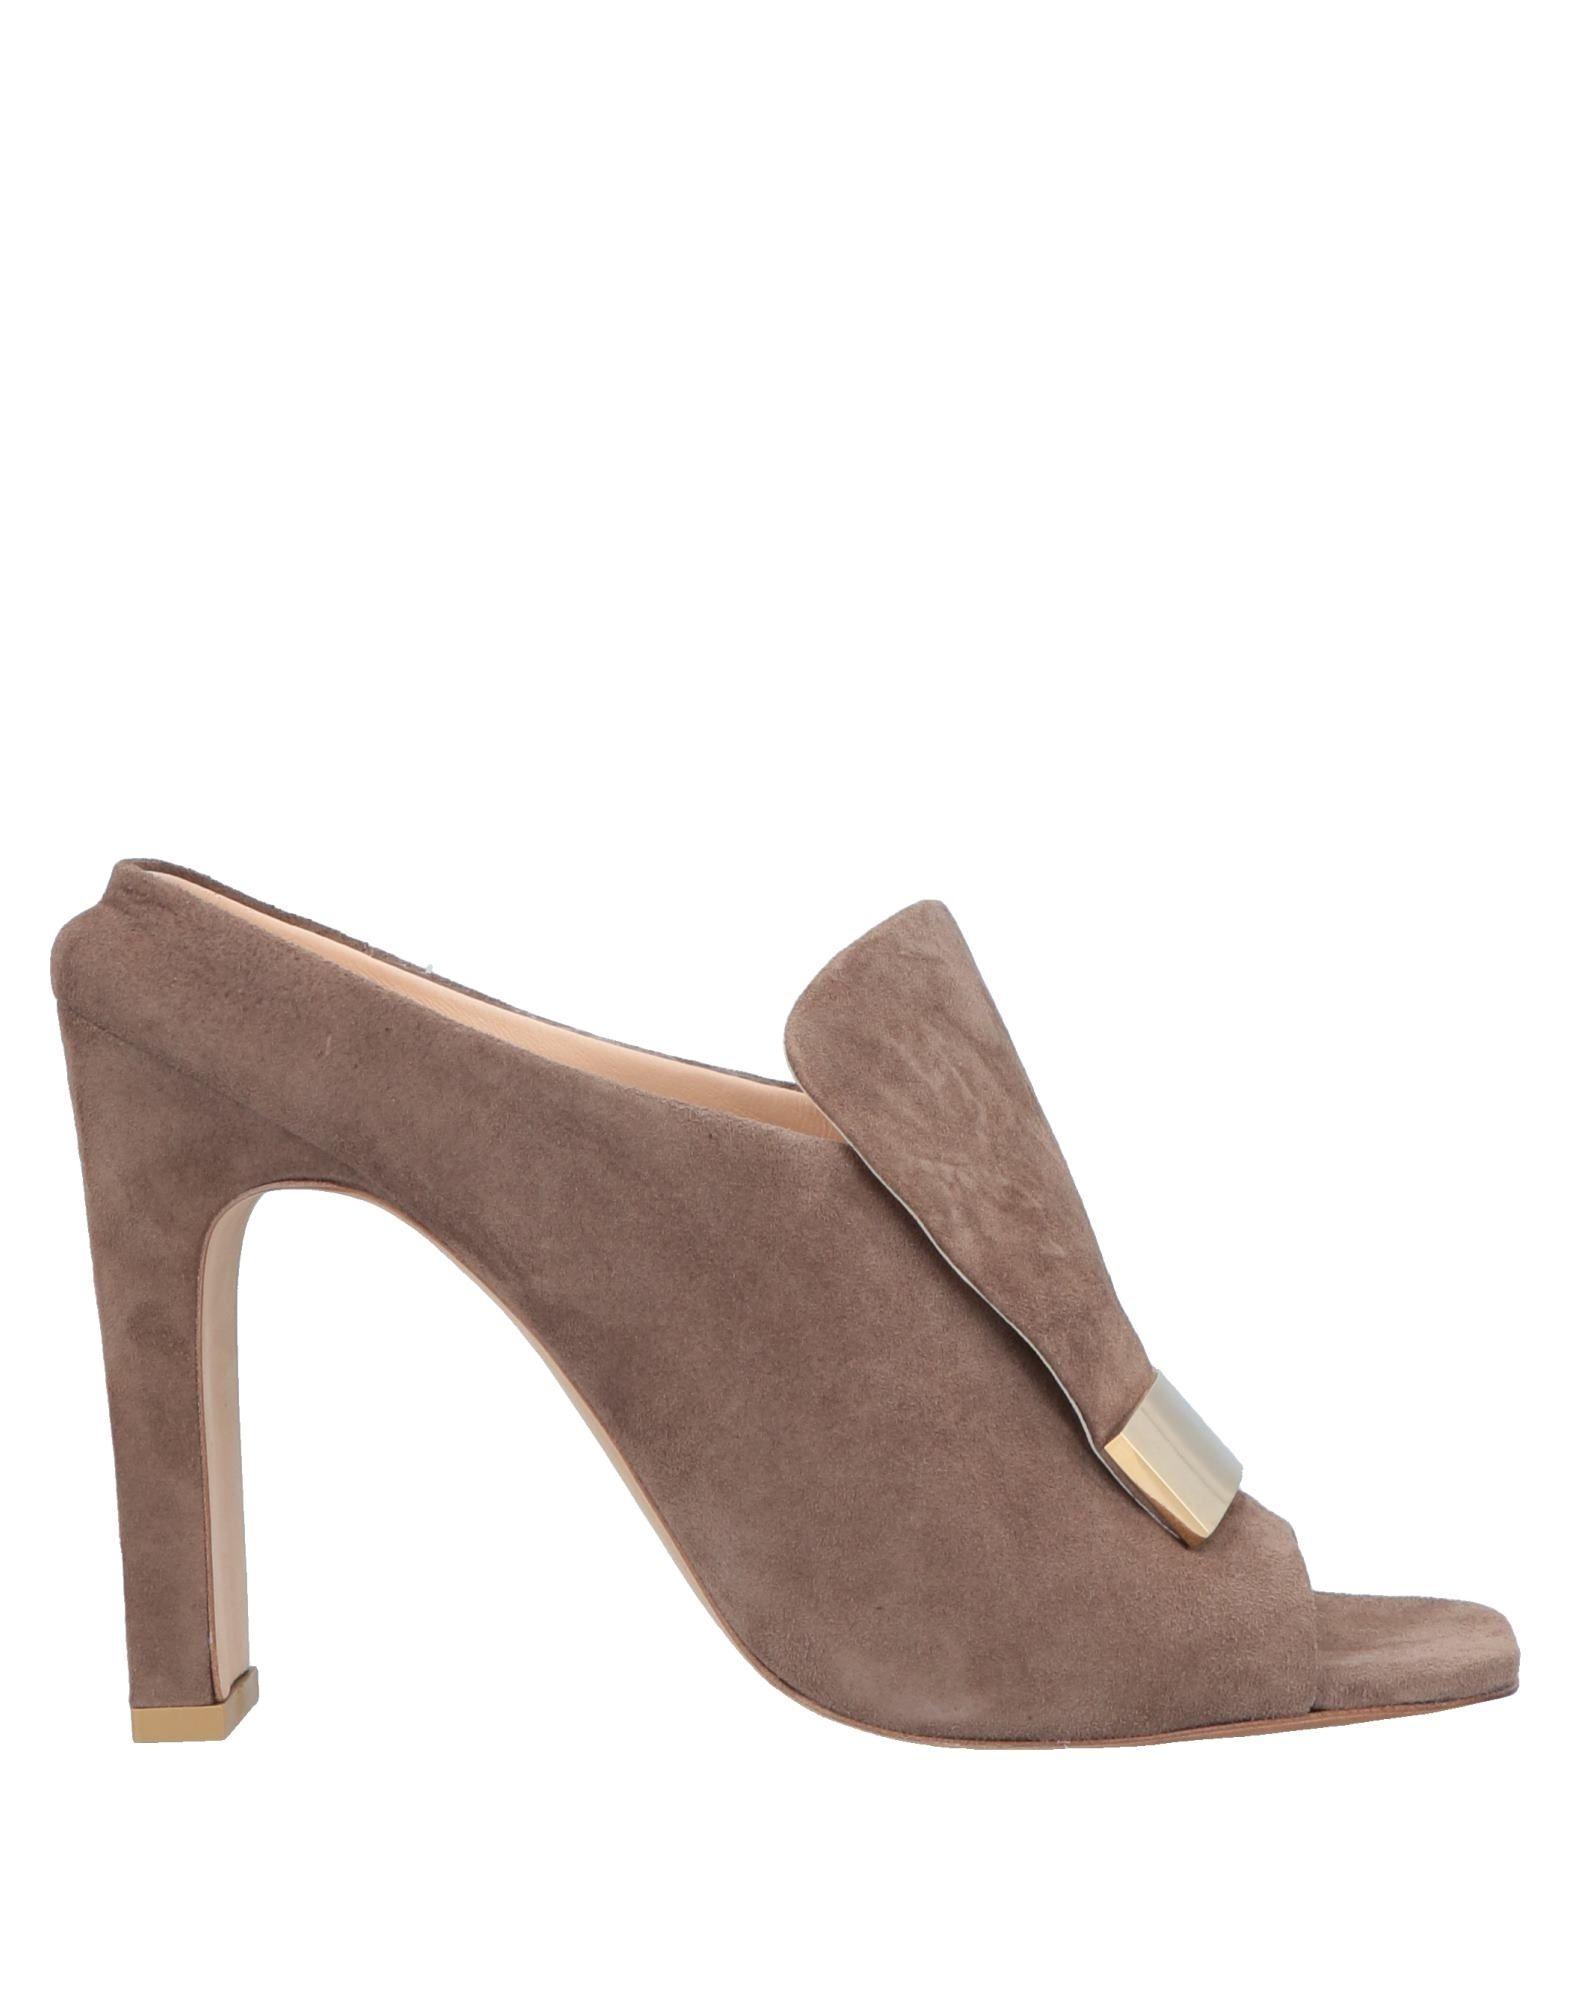 Sandales Carpe Diem Femme - Sandales Carpe Diem   - 11599552UO